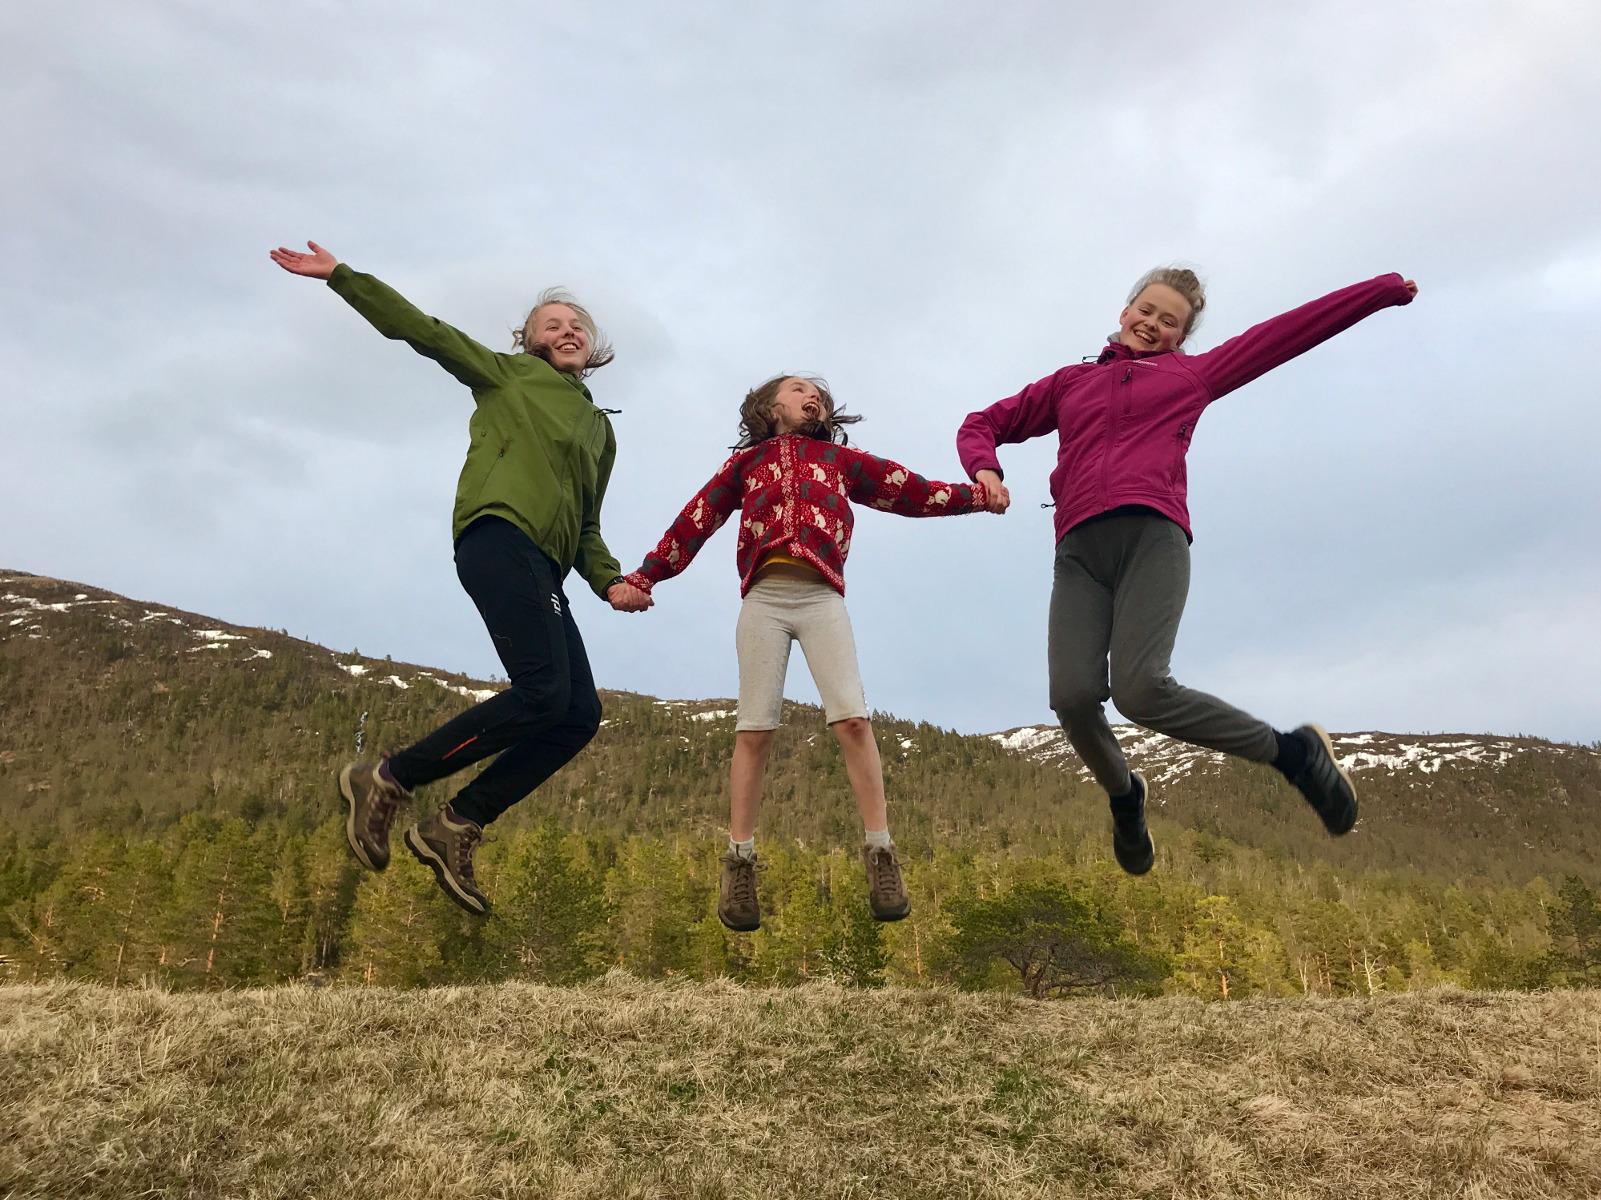 Gøy på taket, 12. mai 2018. Fotograf: Aurora Juel